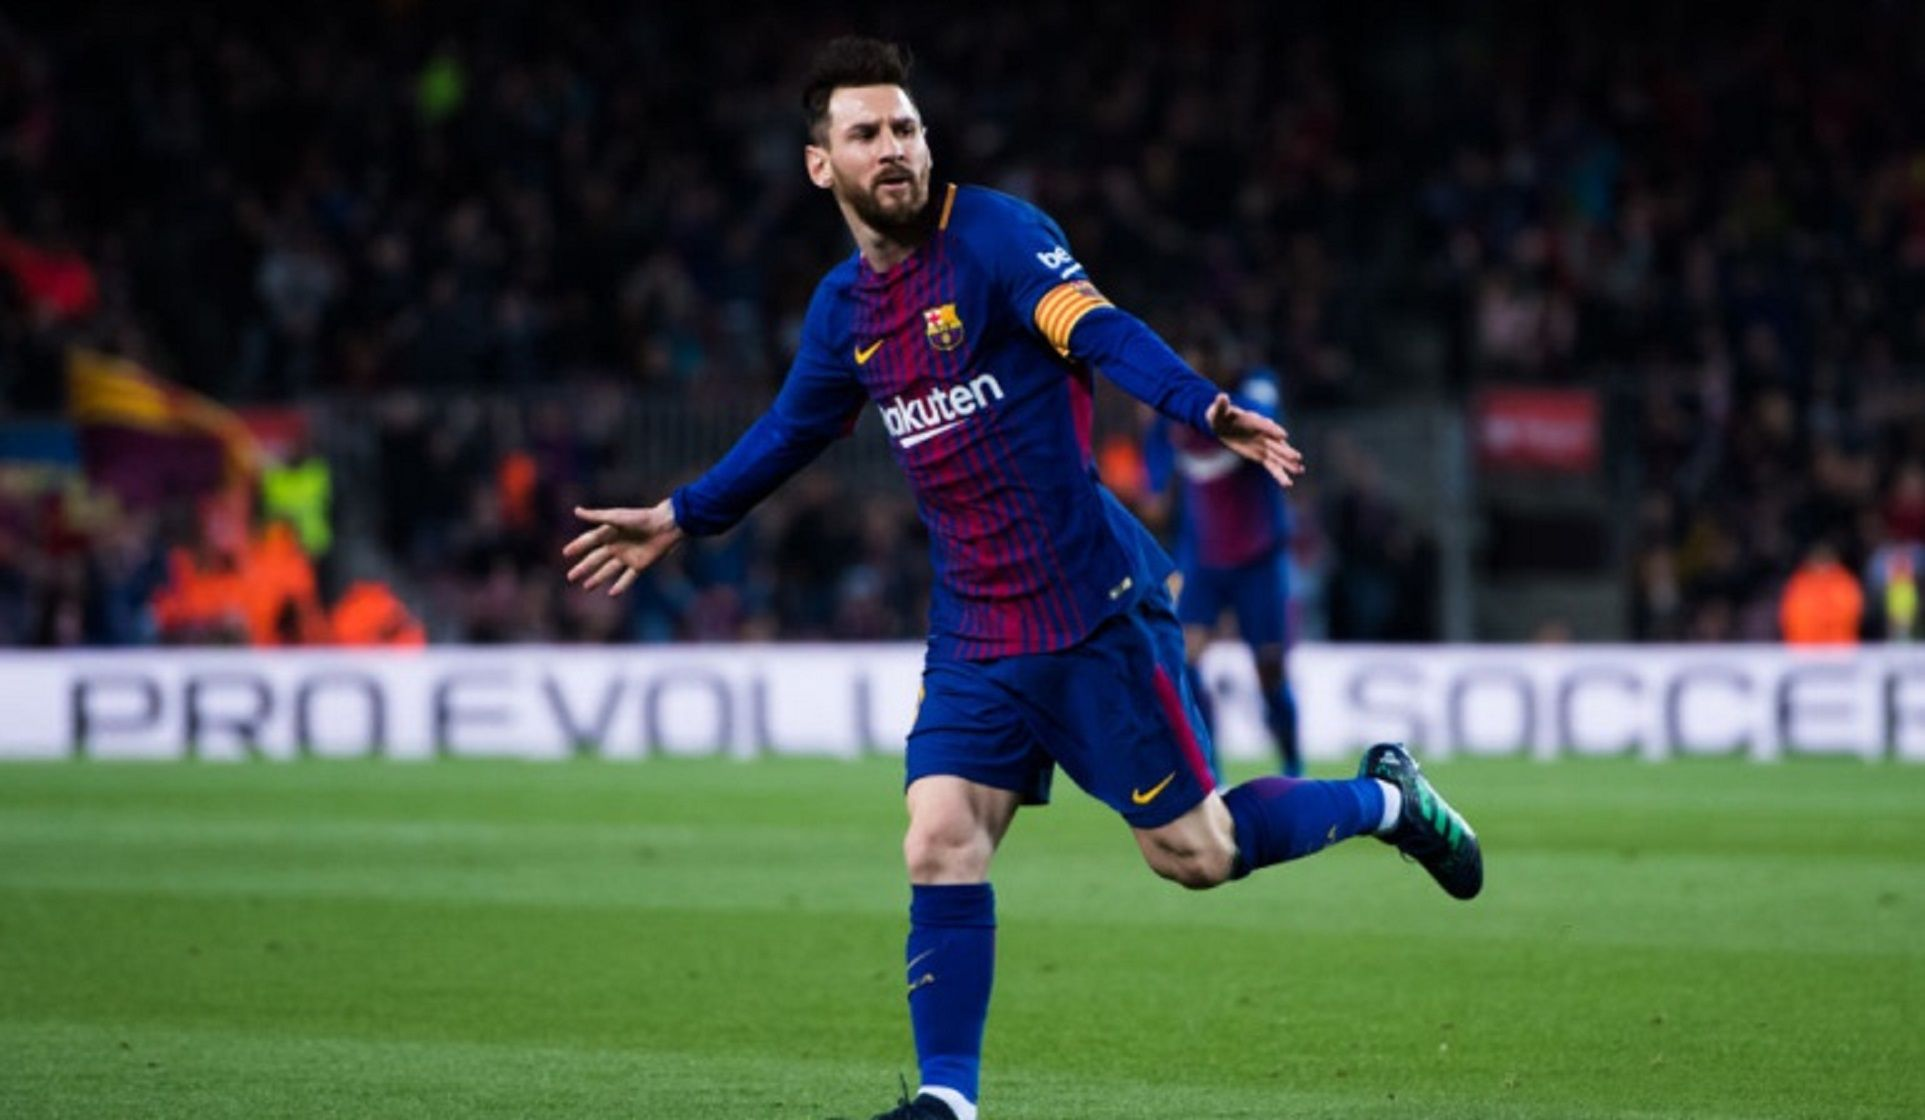 Vuelve Messi: Leo será titular en el Barcelona ante el Real Betis